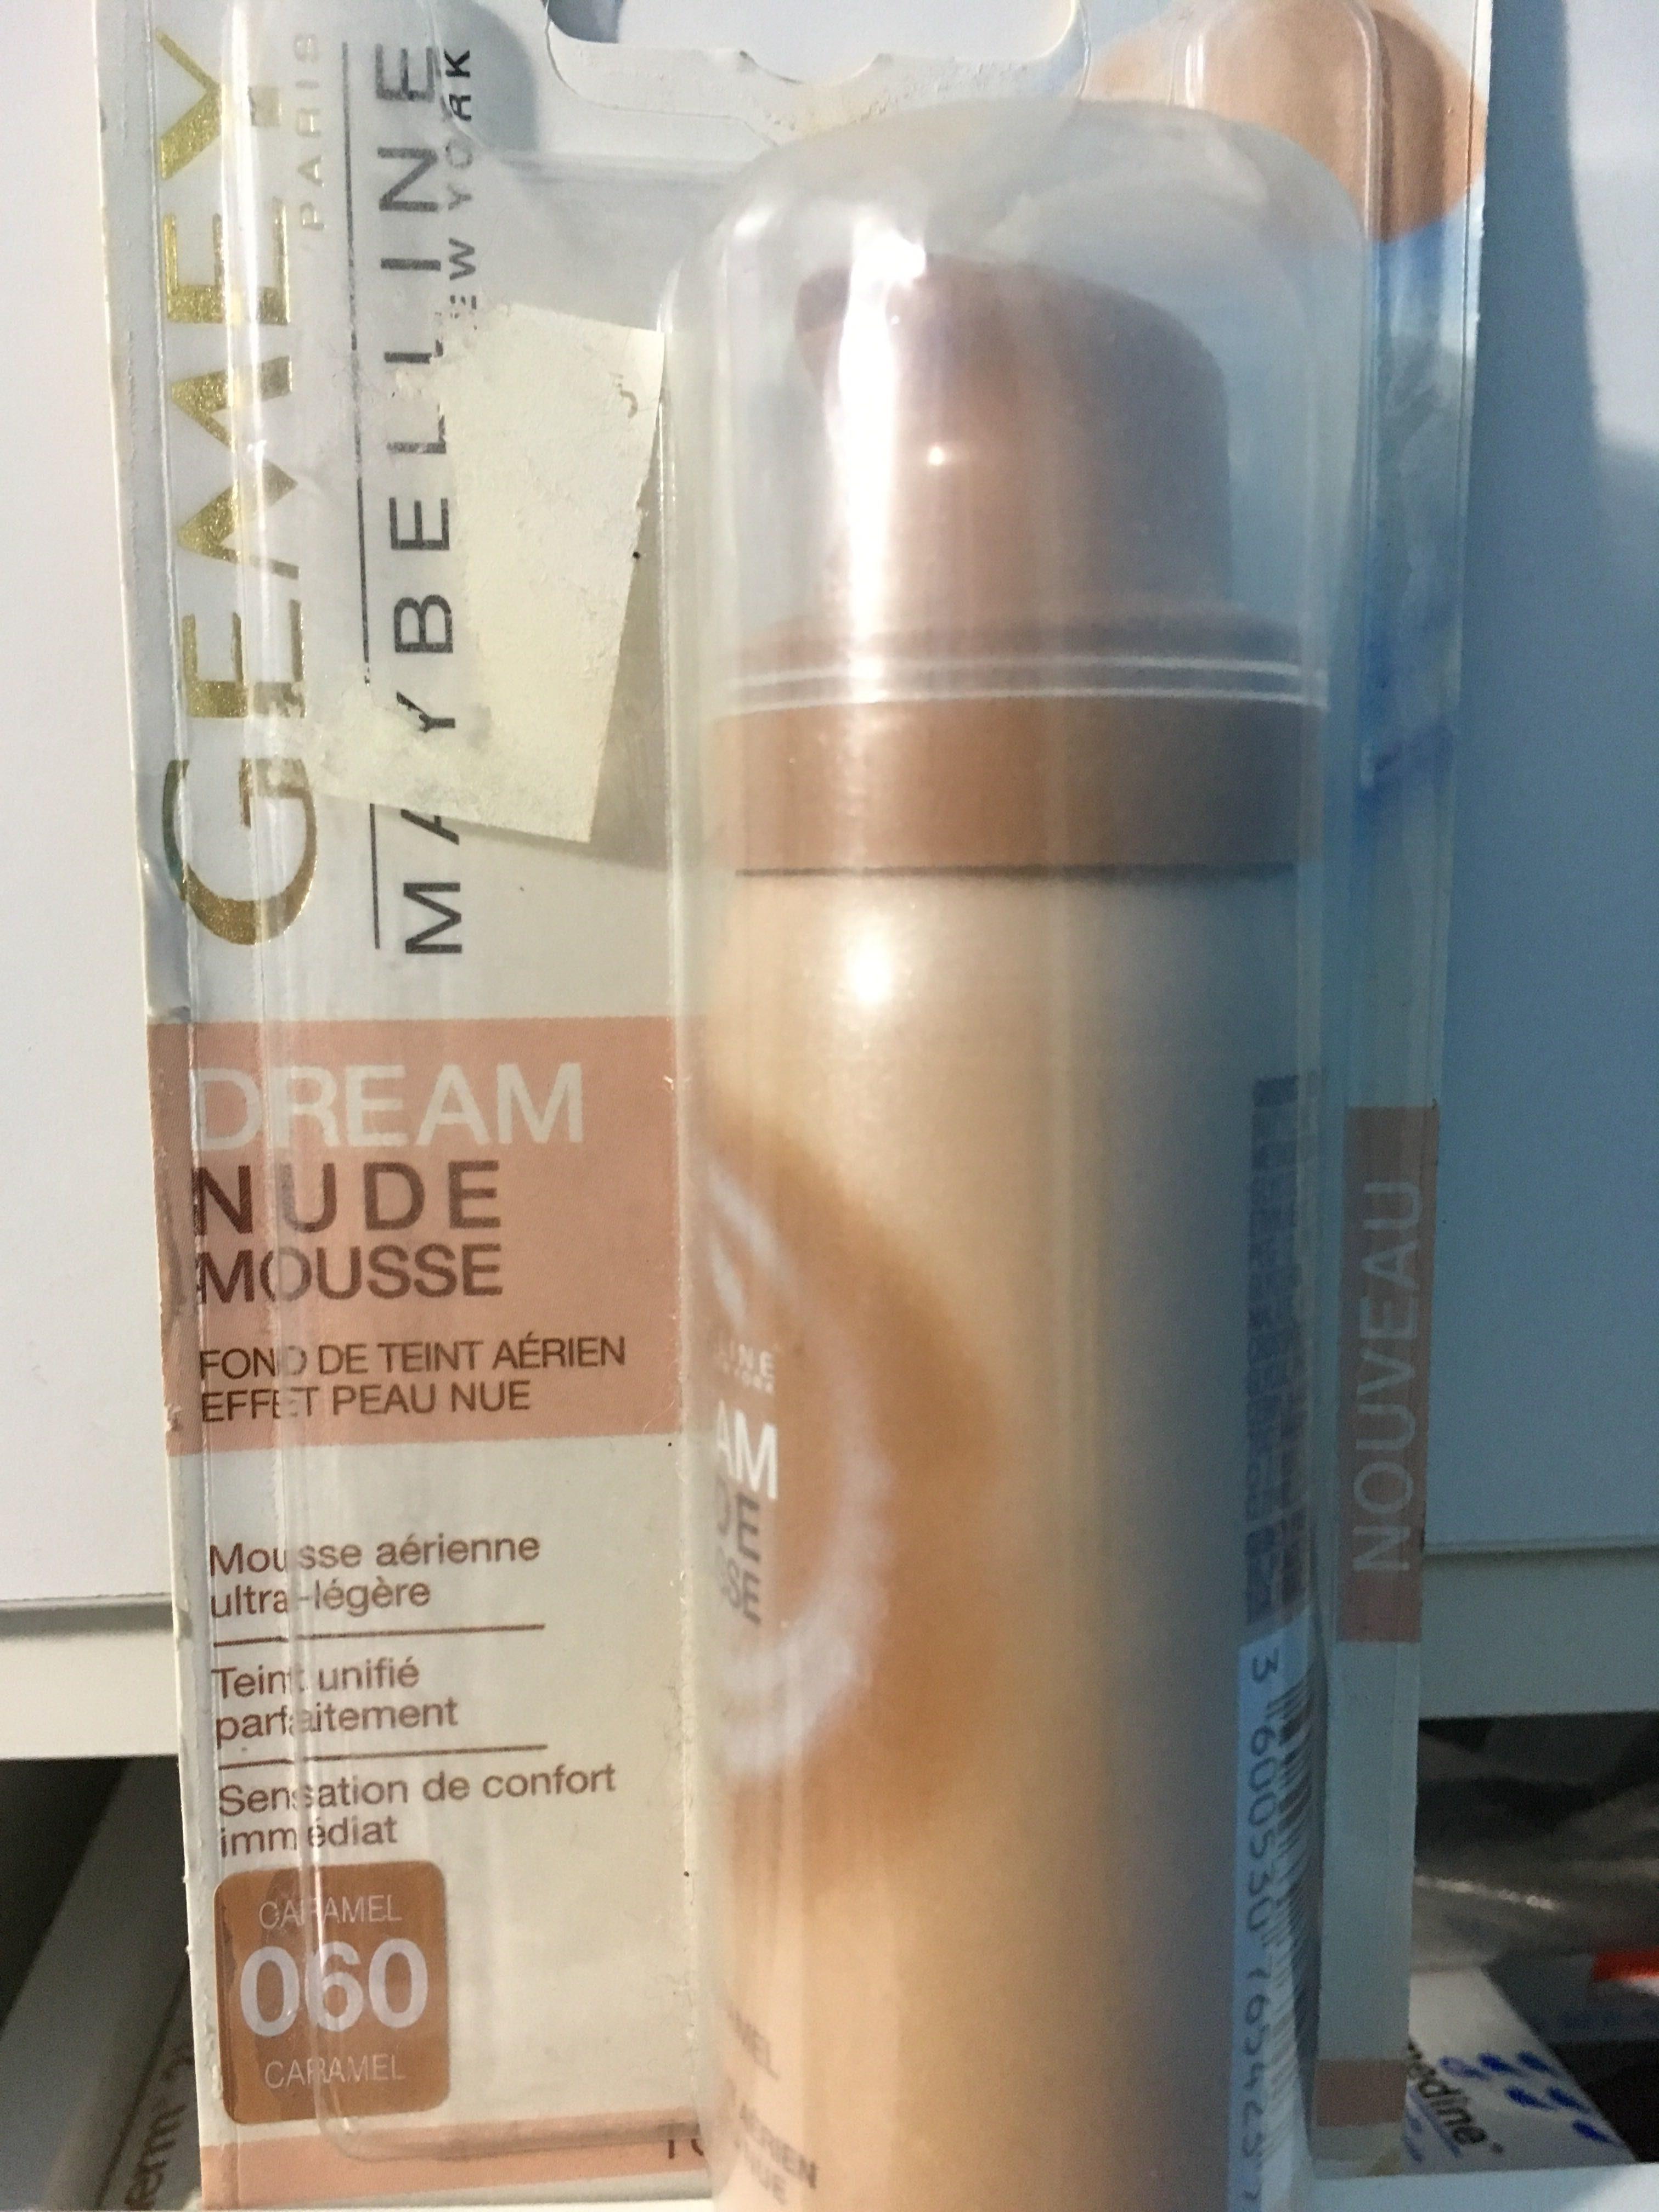 Dream nude mousse fond de teint - Product - fr